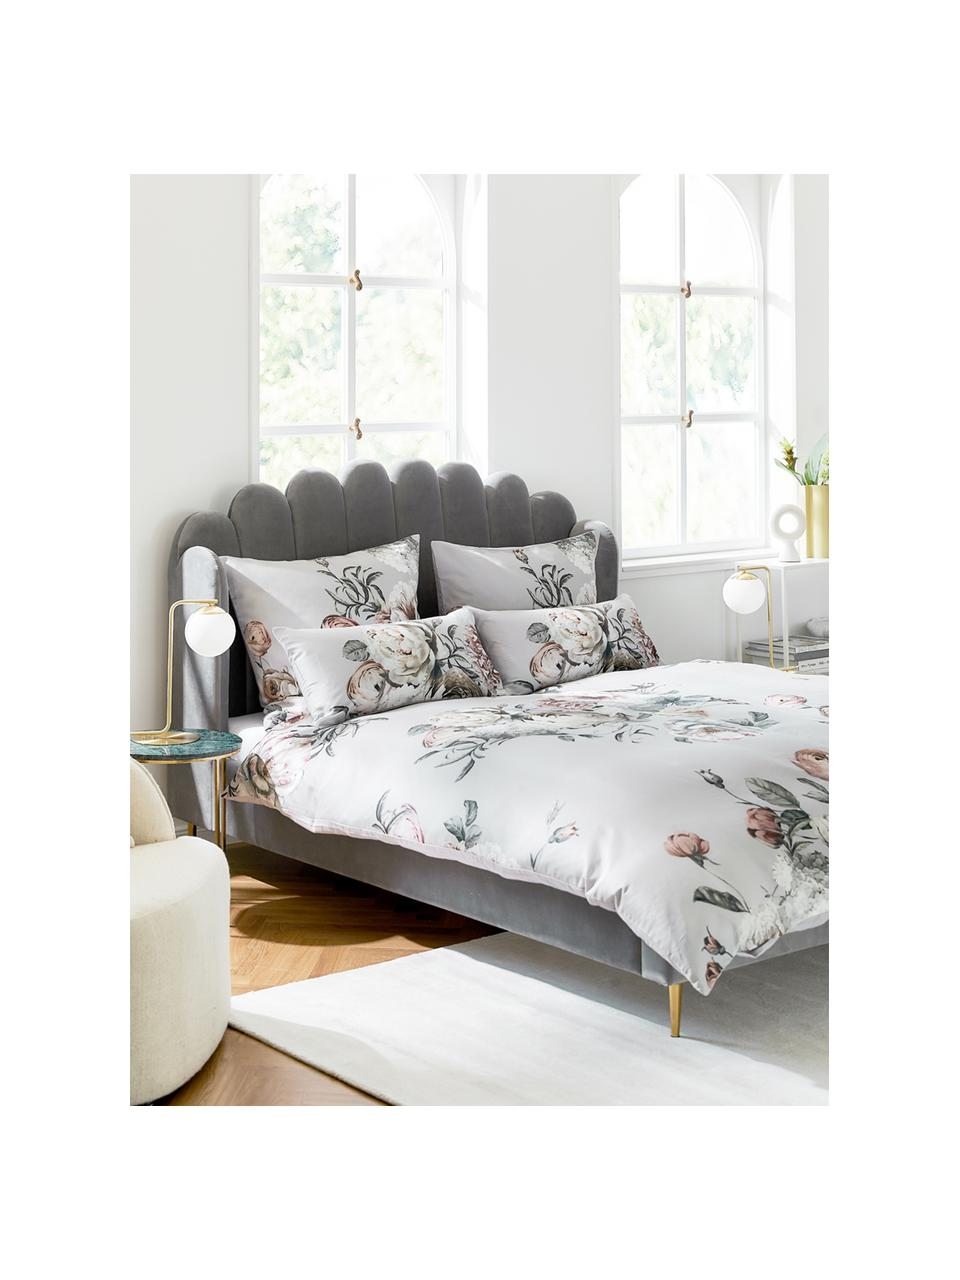 Gestoffeerd fluwelen bed Glamour in grijs, Frame: massief grenenhout, Poten: vermessingd metaal, Bekleding: fluweel (polyester), Fluweel grijs, 160 x 200 cm